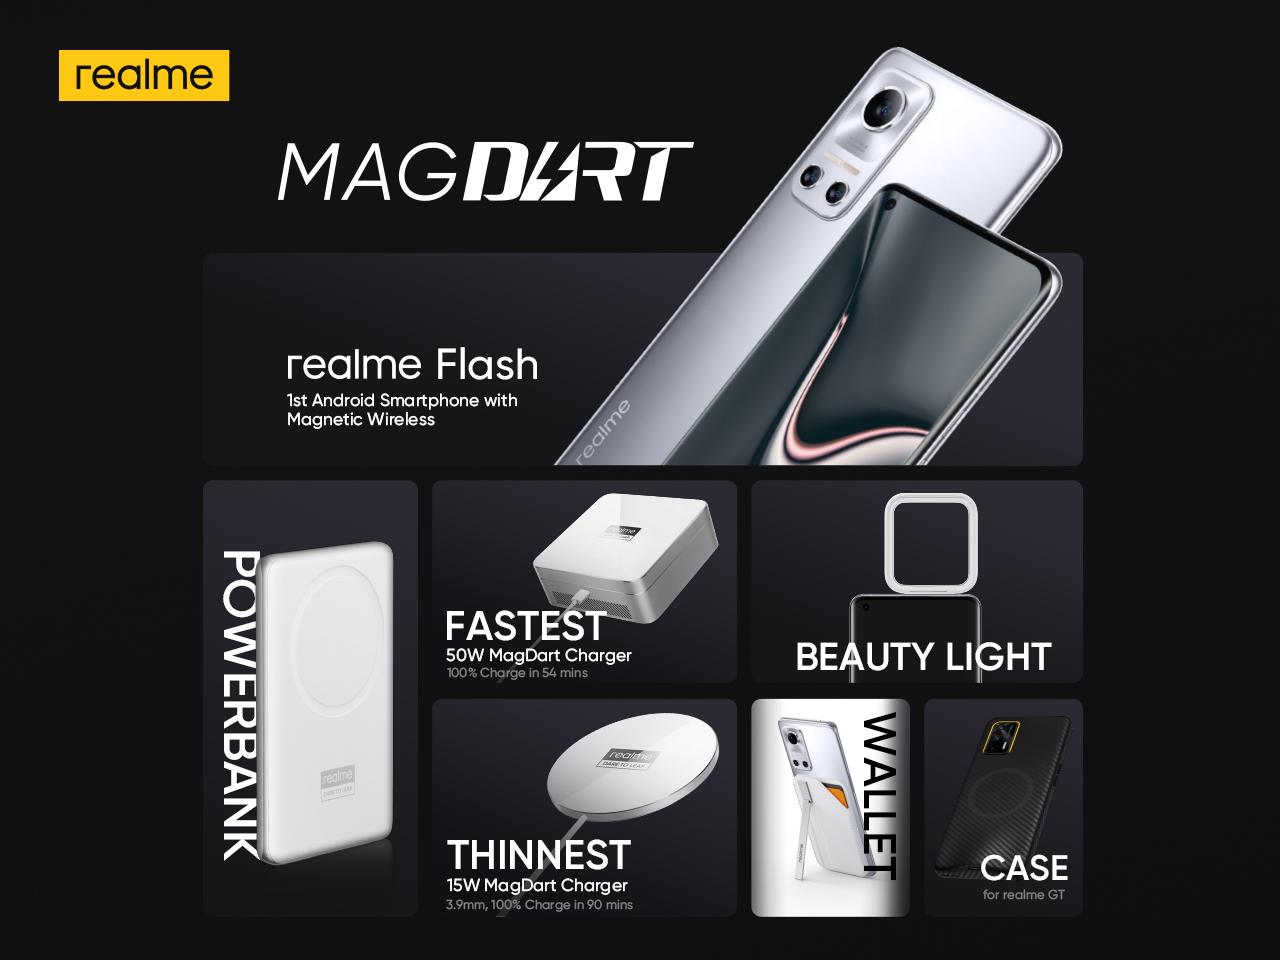 realme MagDart Fast Charging